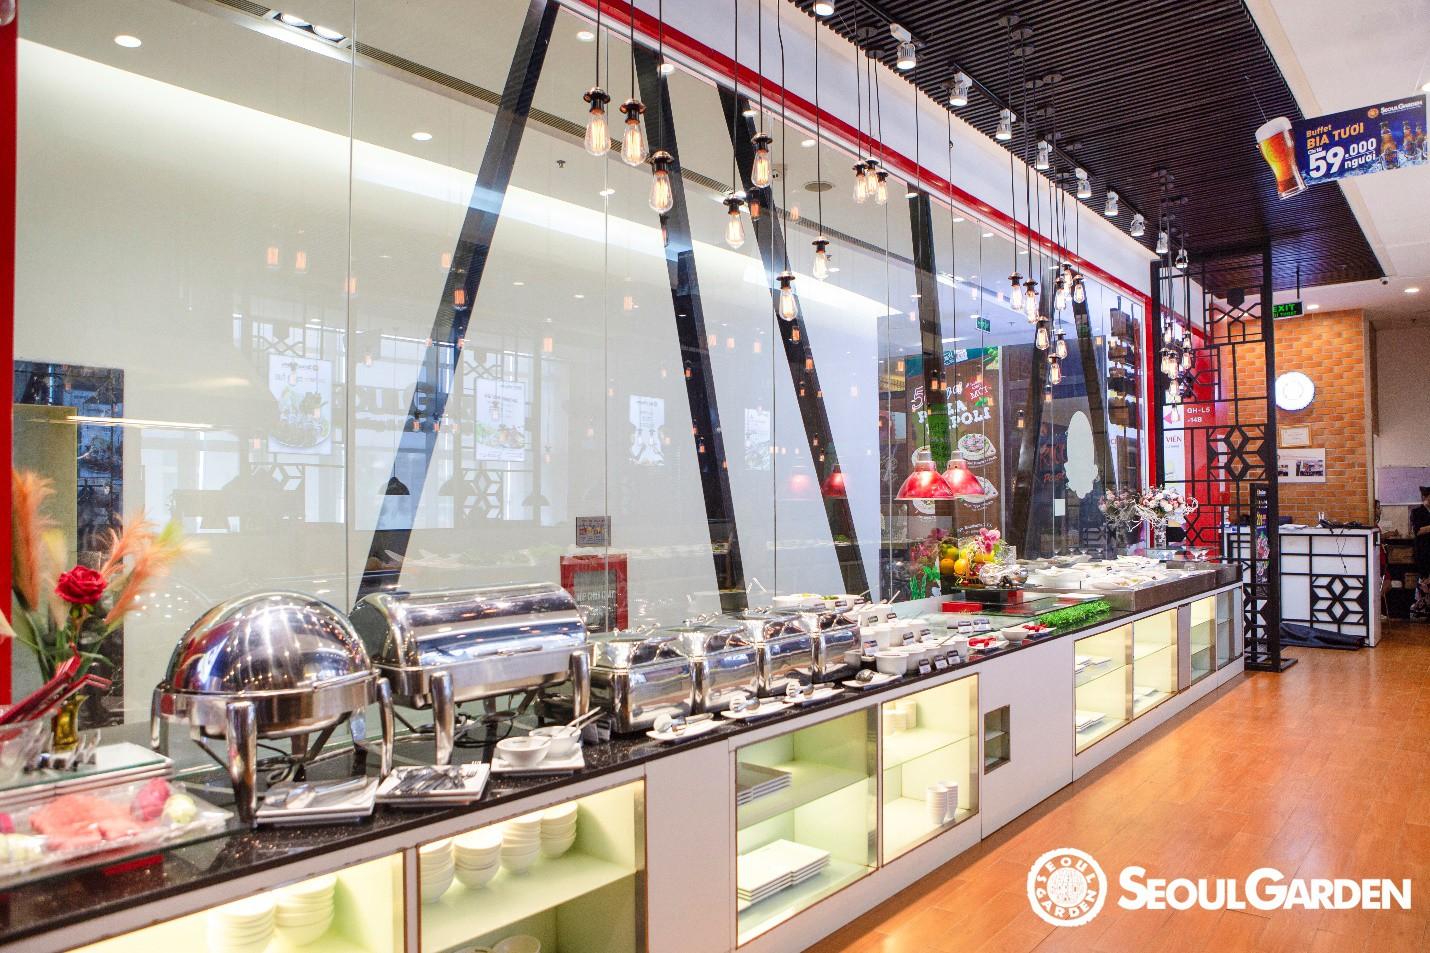 200 món ngon châu Á và 5 lí do to đùng khiến bạn nhất định phải đến Seoul Garden - Ảnh 2.